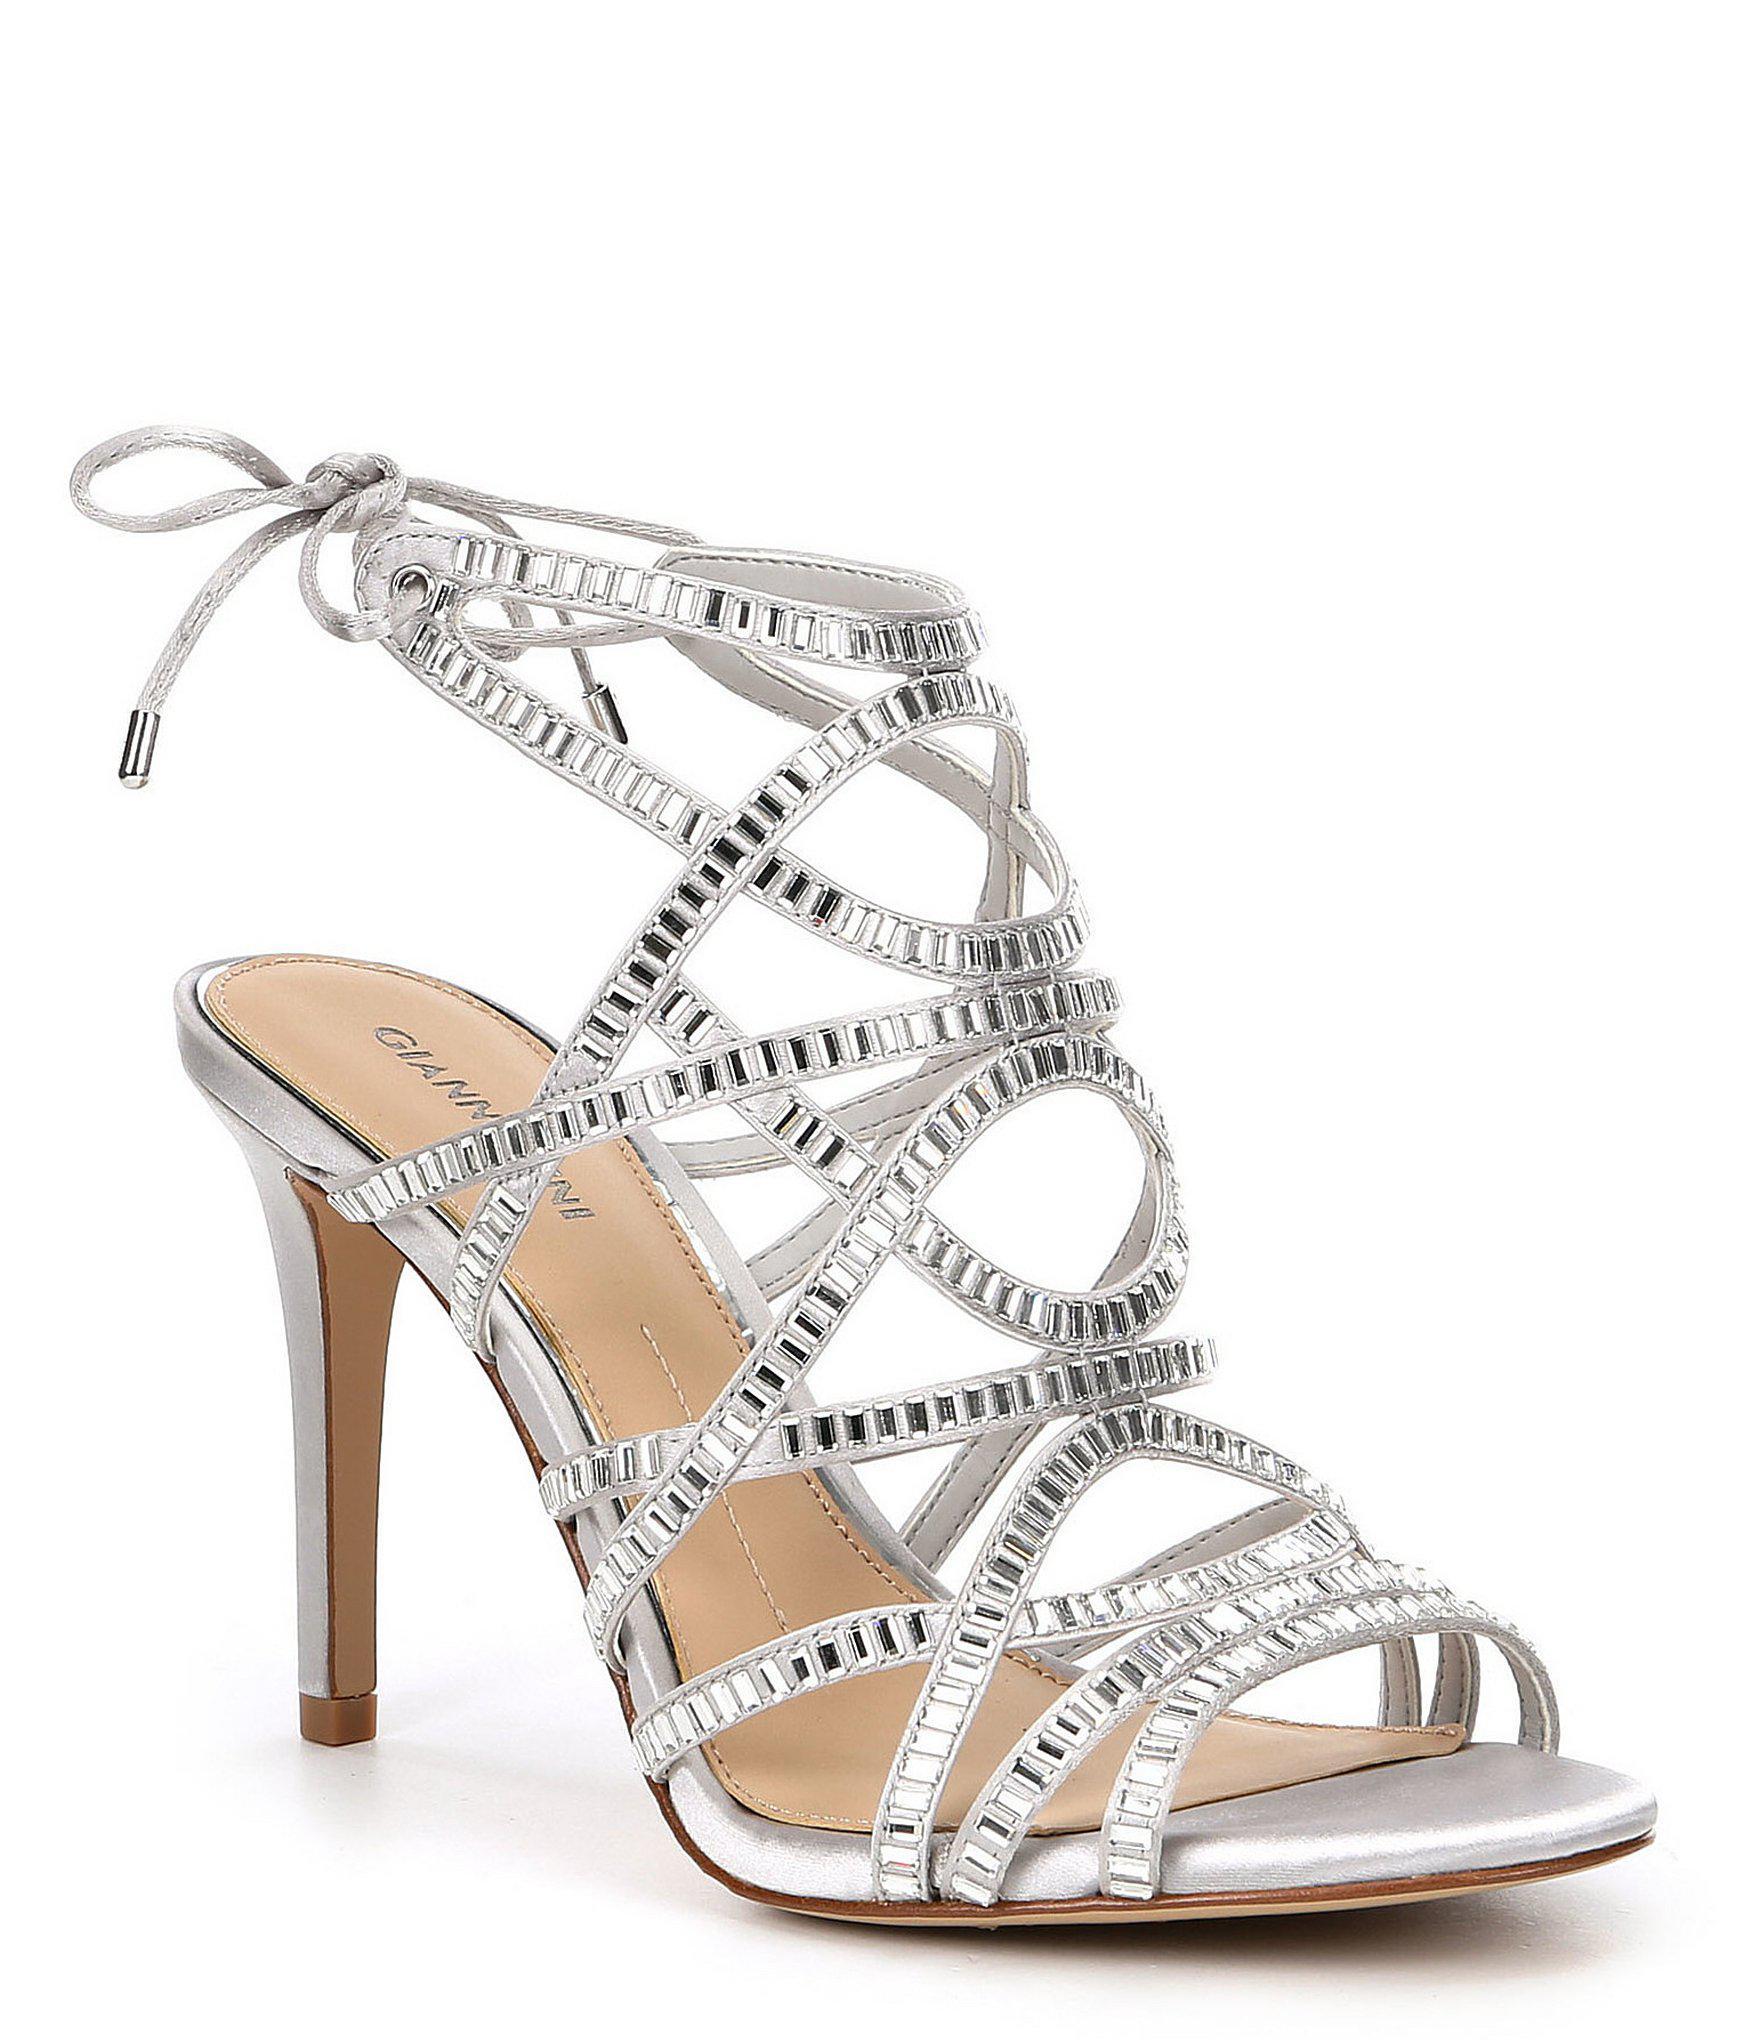 2cd73d349ef Lyst - Gianni Bini Kellzie Satin Jeweled Caged Dress Sandals in Metallic